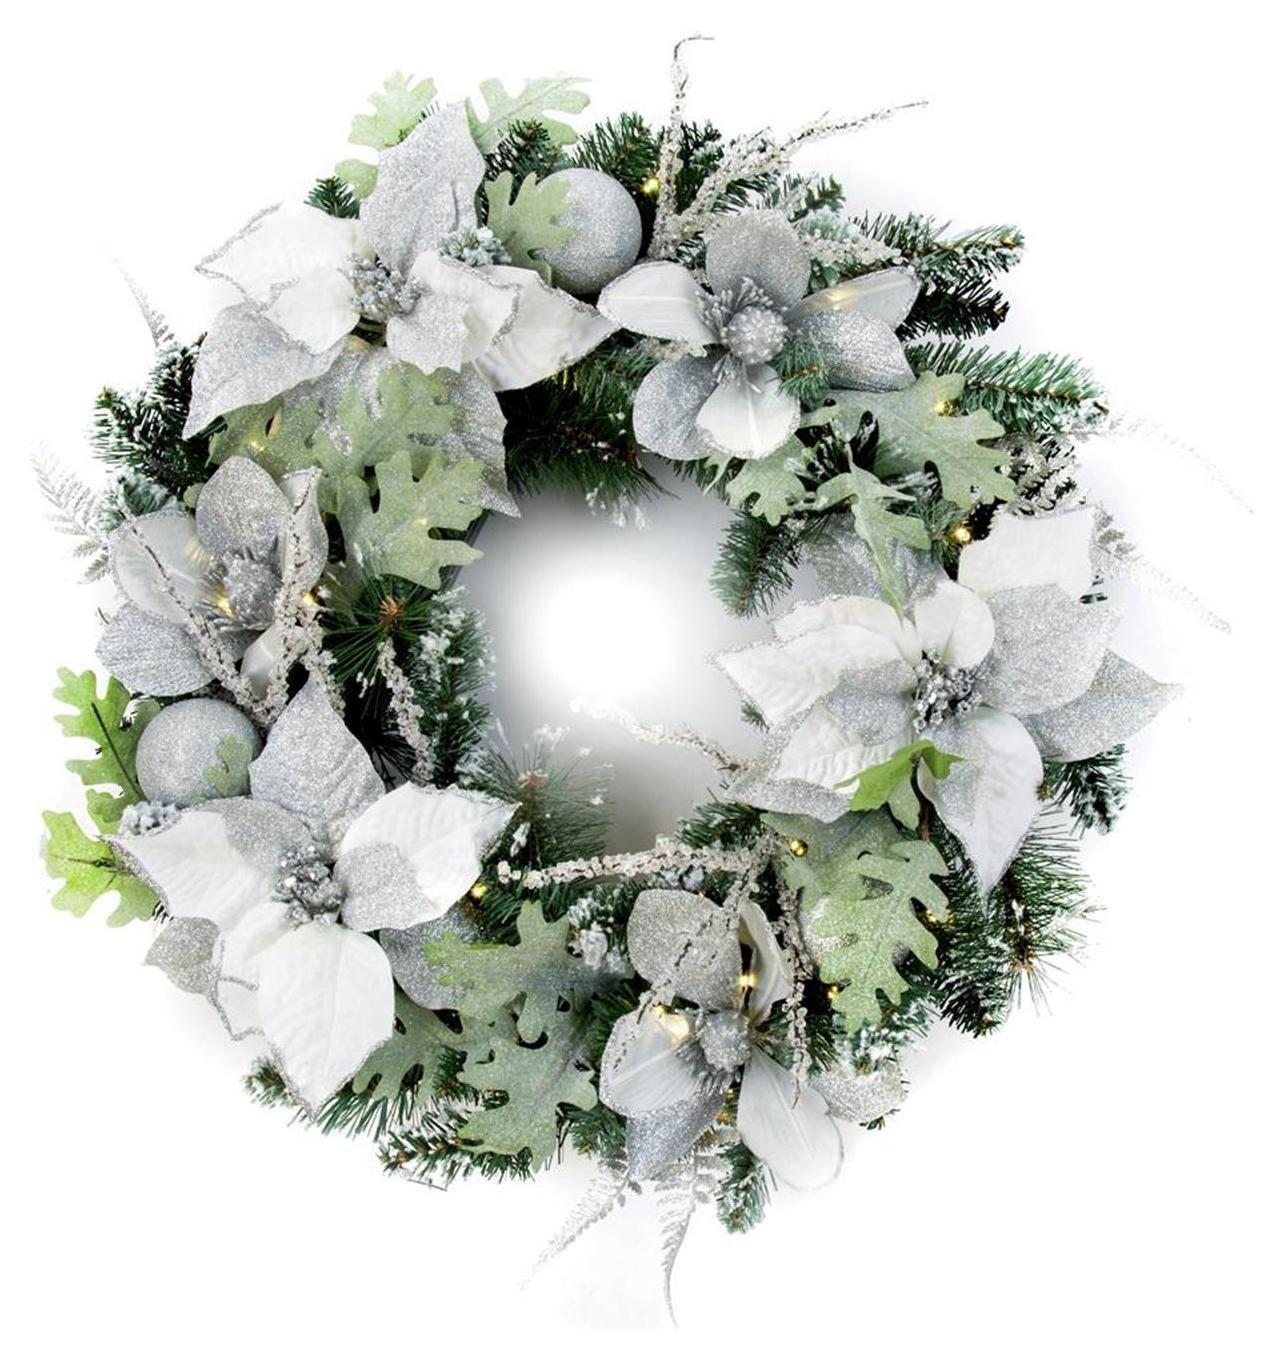 premier-decorations-60cm-pre-lit-poinsettia-wreath-white